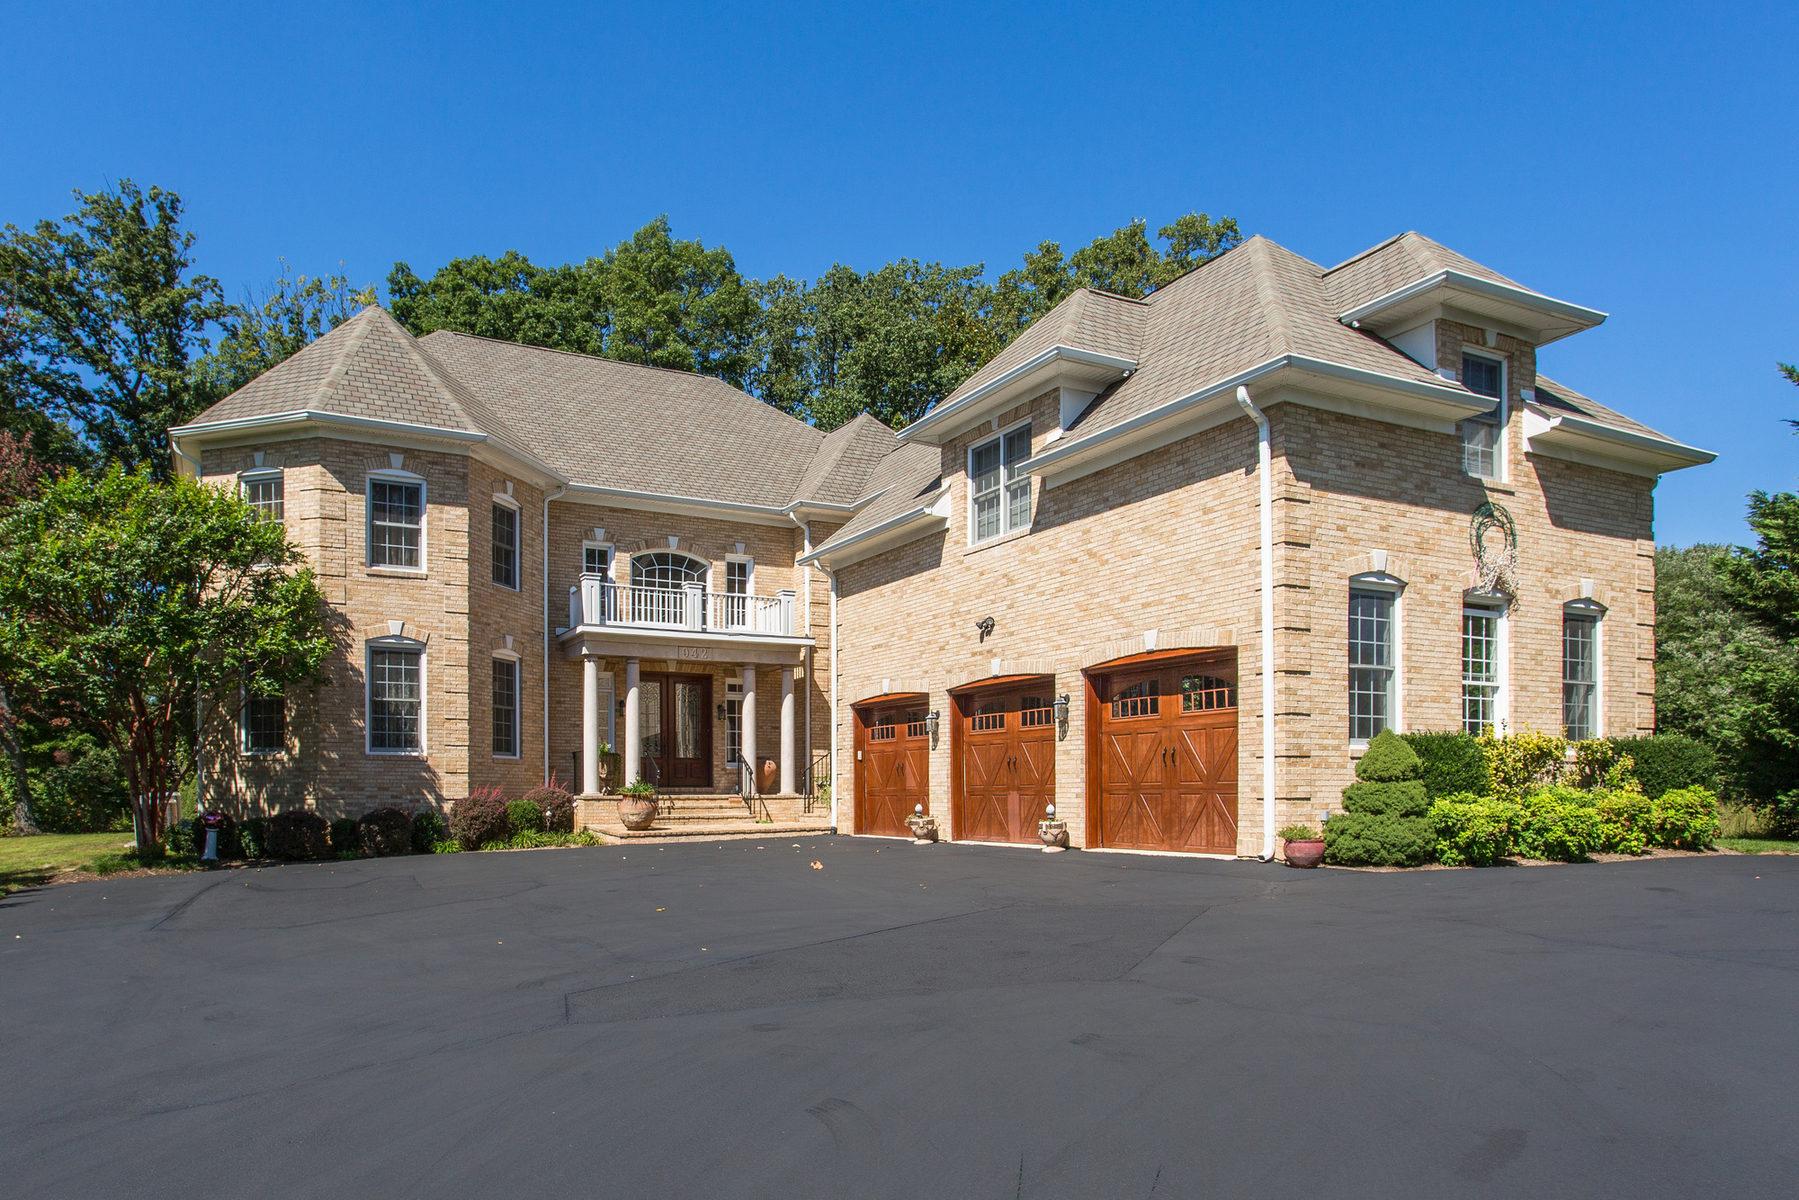 Einfamilienhaus für Verkauf beim 942 Seneca Road, Great Falls 942 Seneca Rd Great Falls, Virginia 22066 Vereinigte Staaten